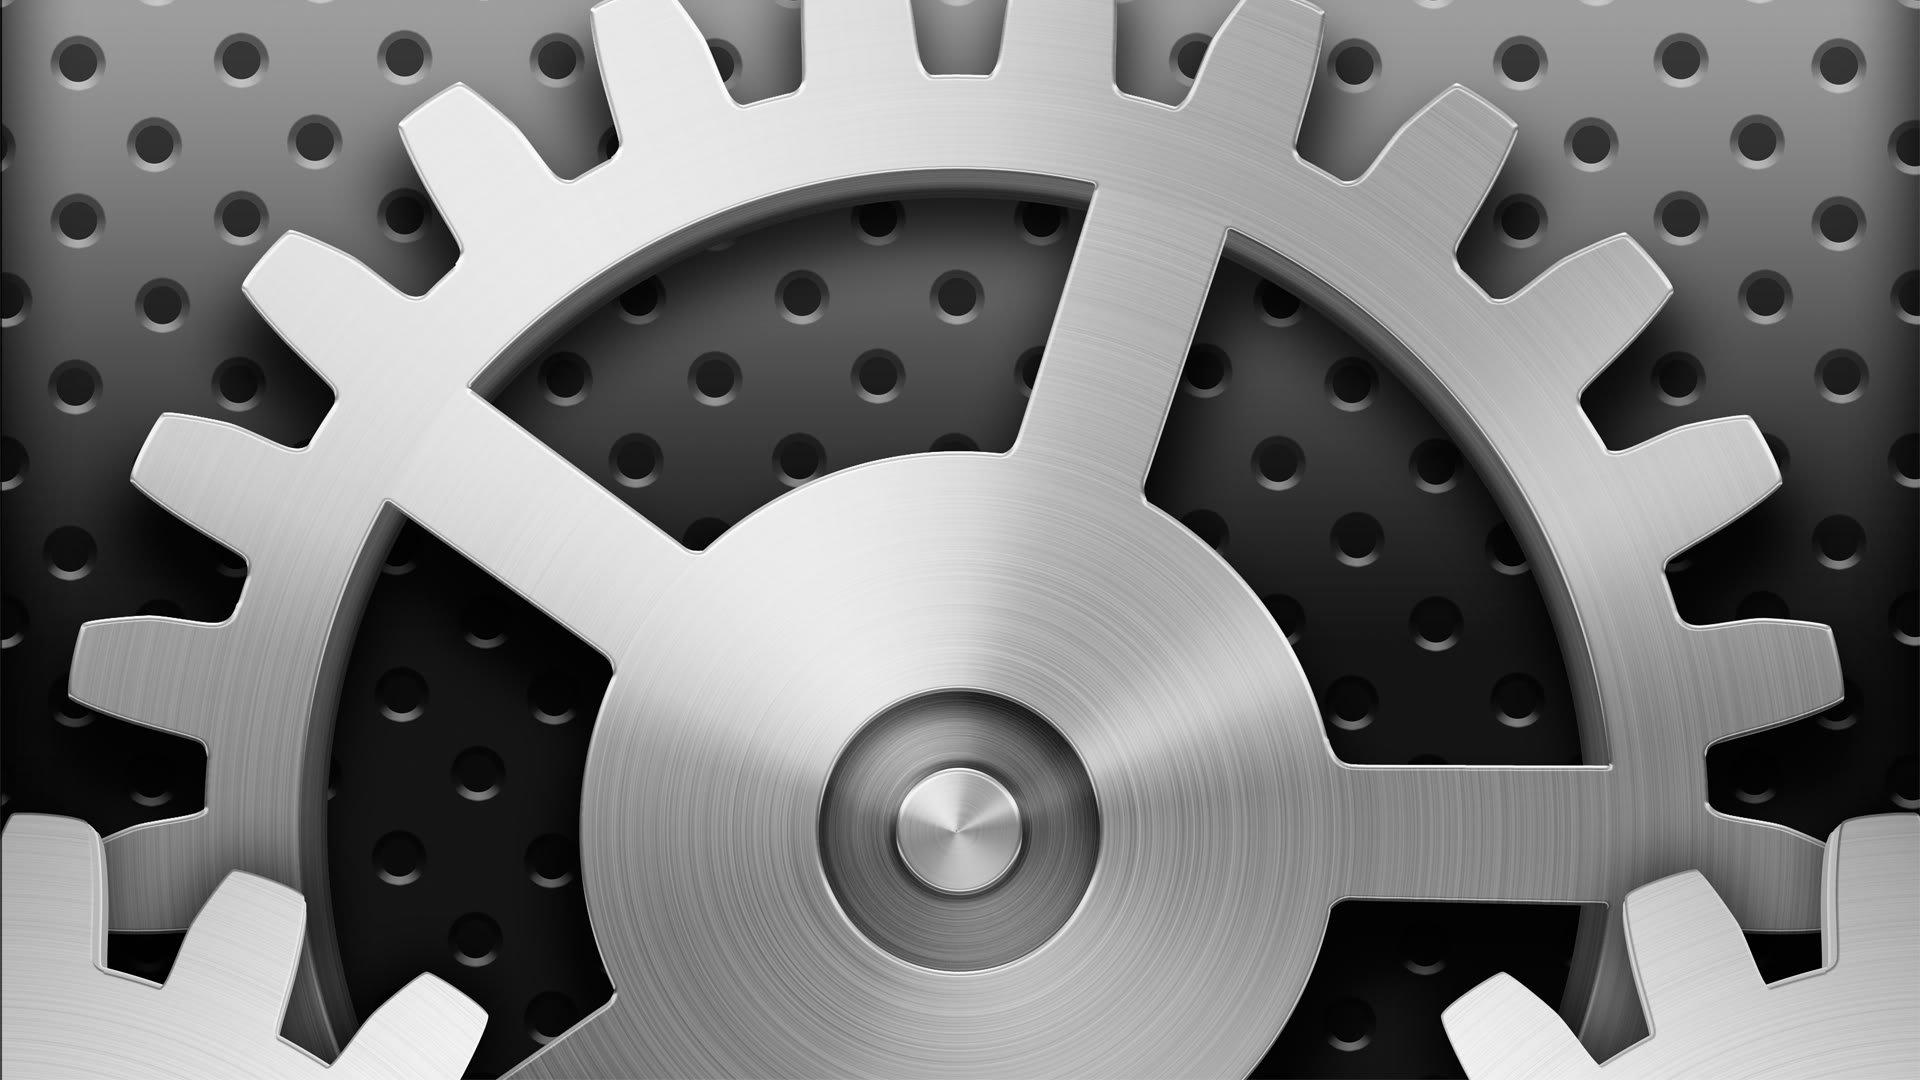 Mechanical Design Wallpaper Gears Mechanical Technics